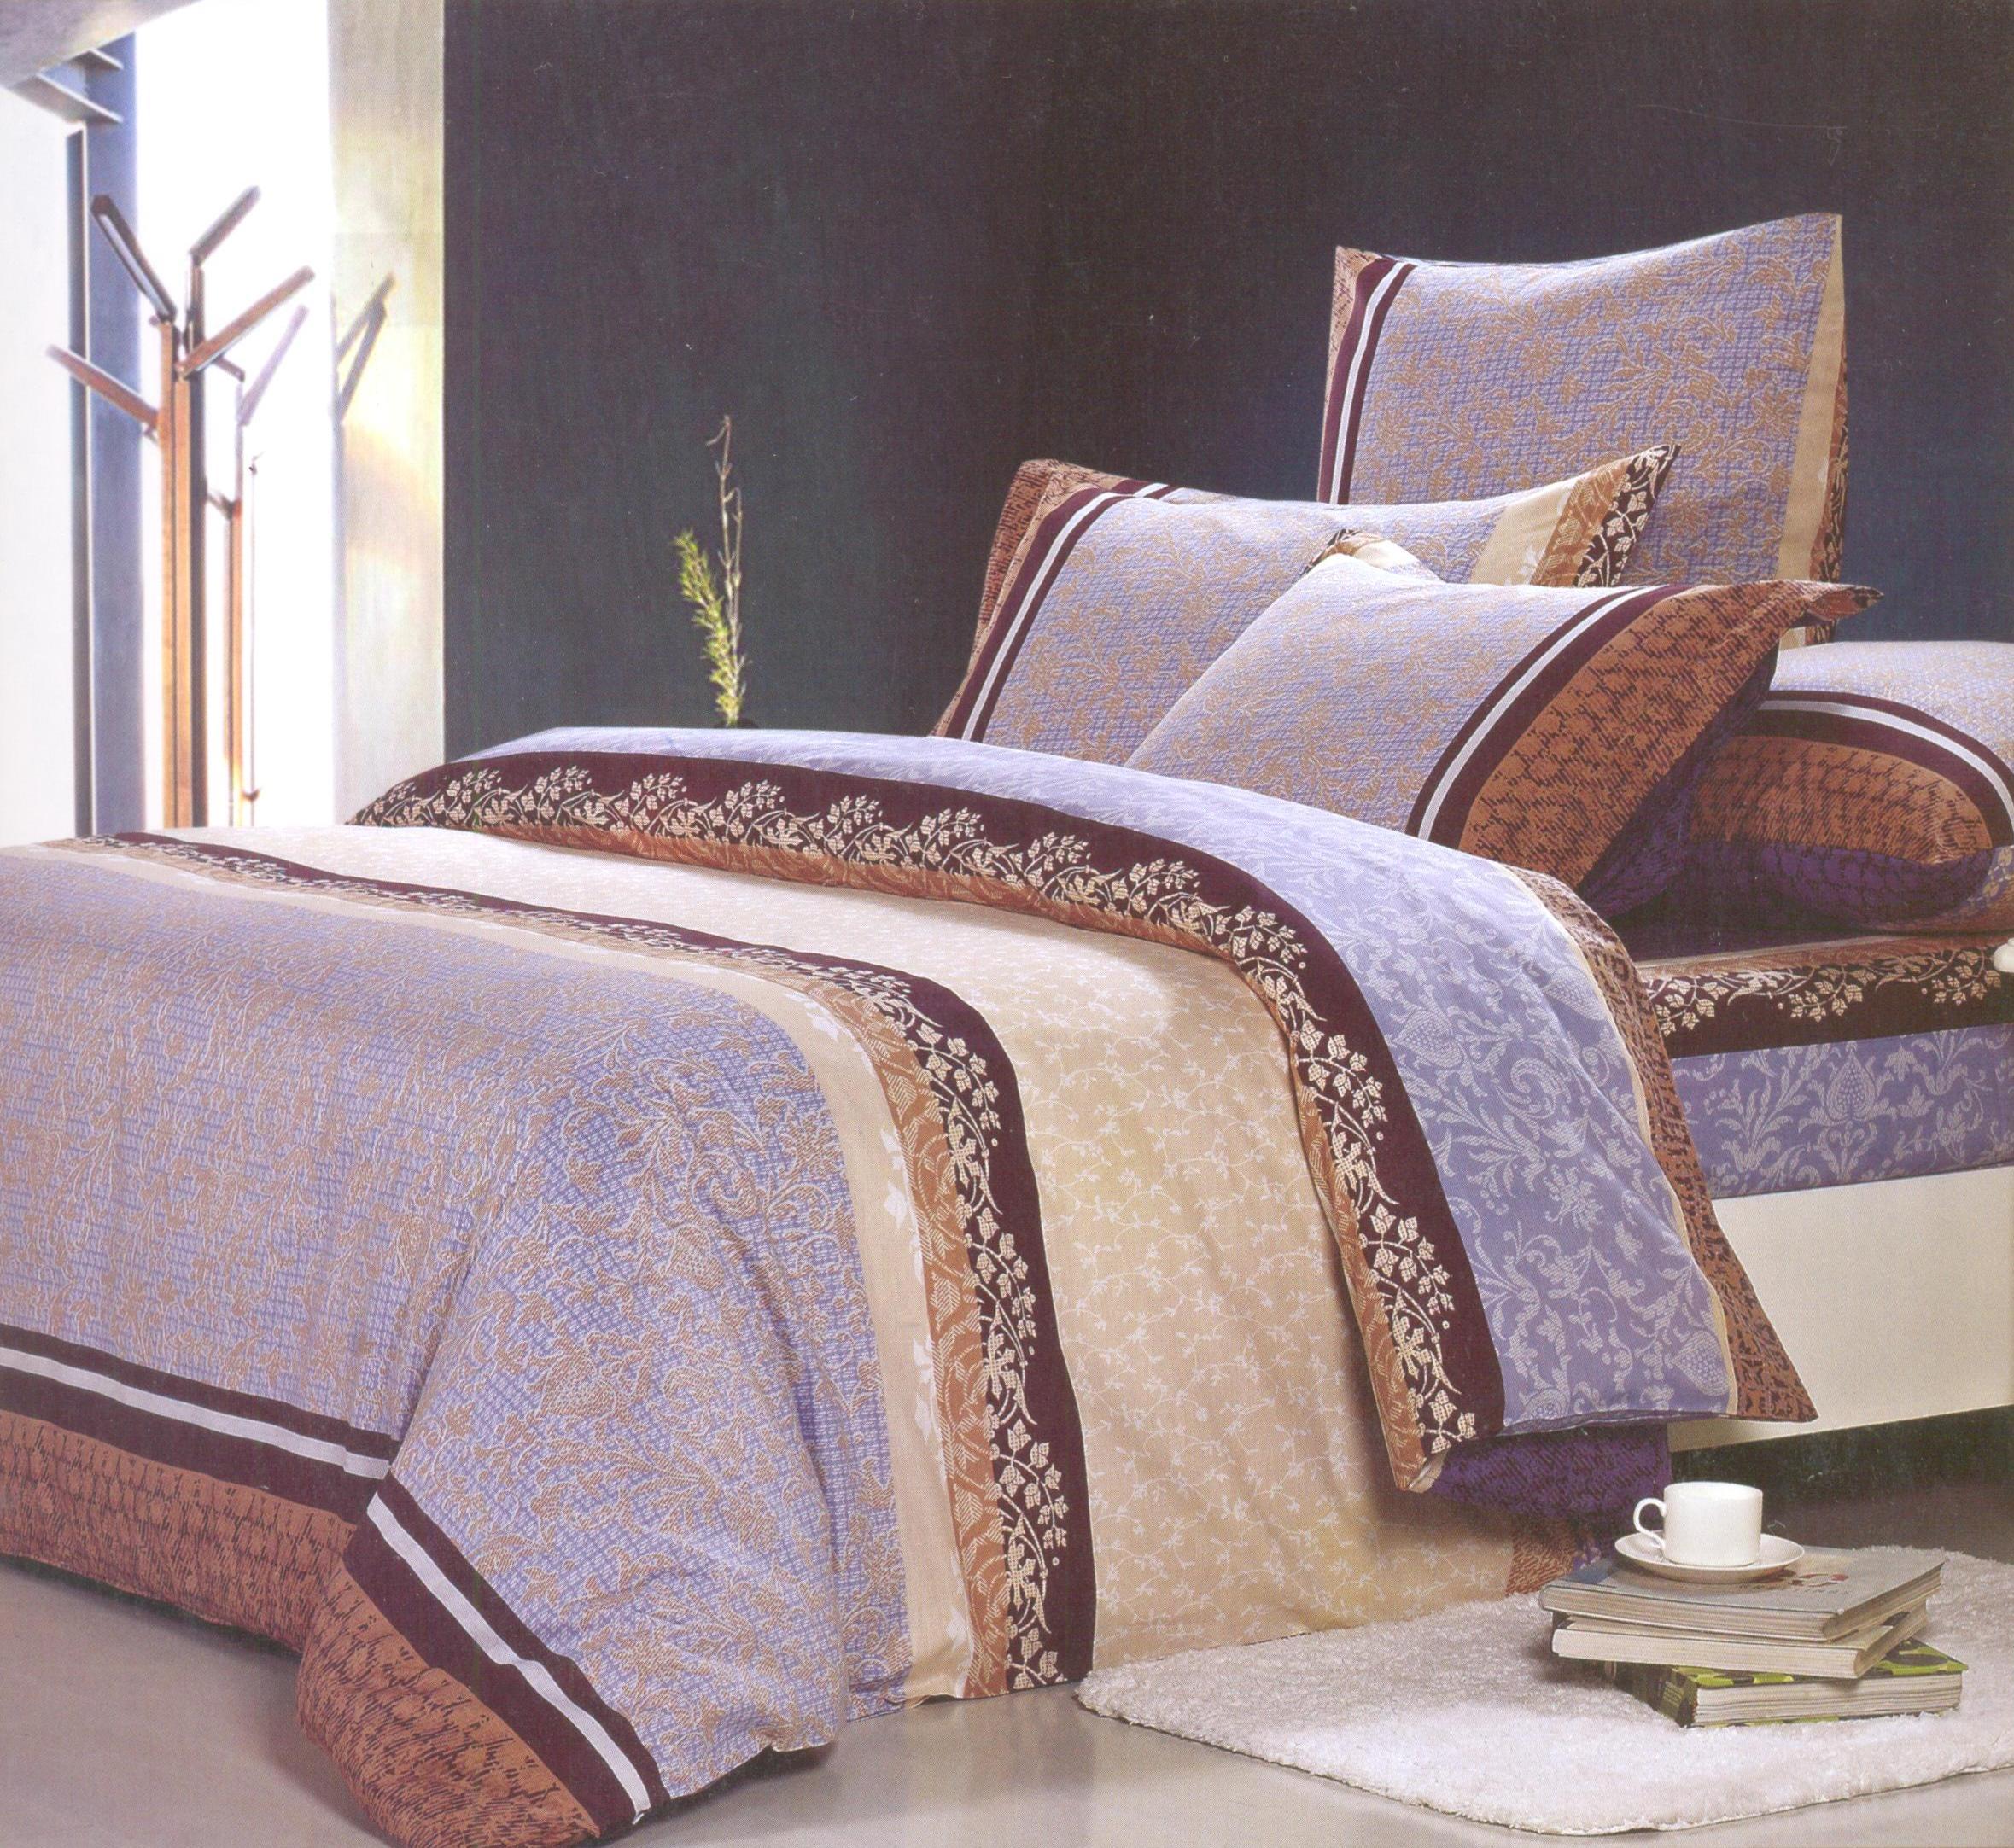 Комплекты постельного белья СайлиД Постельное белье Karumba А/s-156 (2 сп. евро) постельное белье сайлид евро d 156